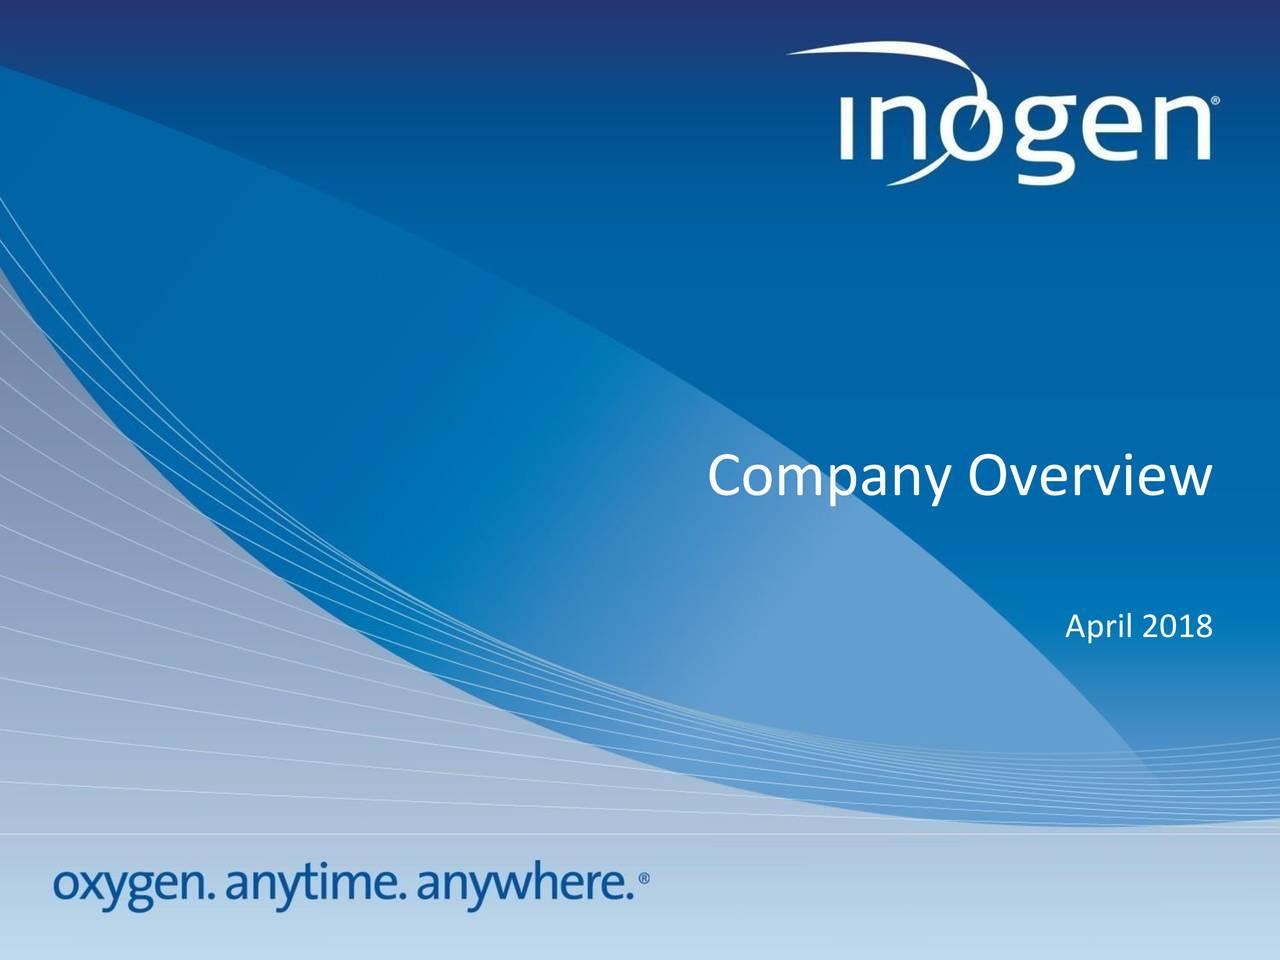 inogen inc Inogen, Inc 2018 Q1 - Results - Earnings Call Slides - Inogen, Inc ...